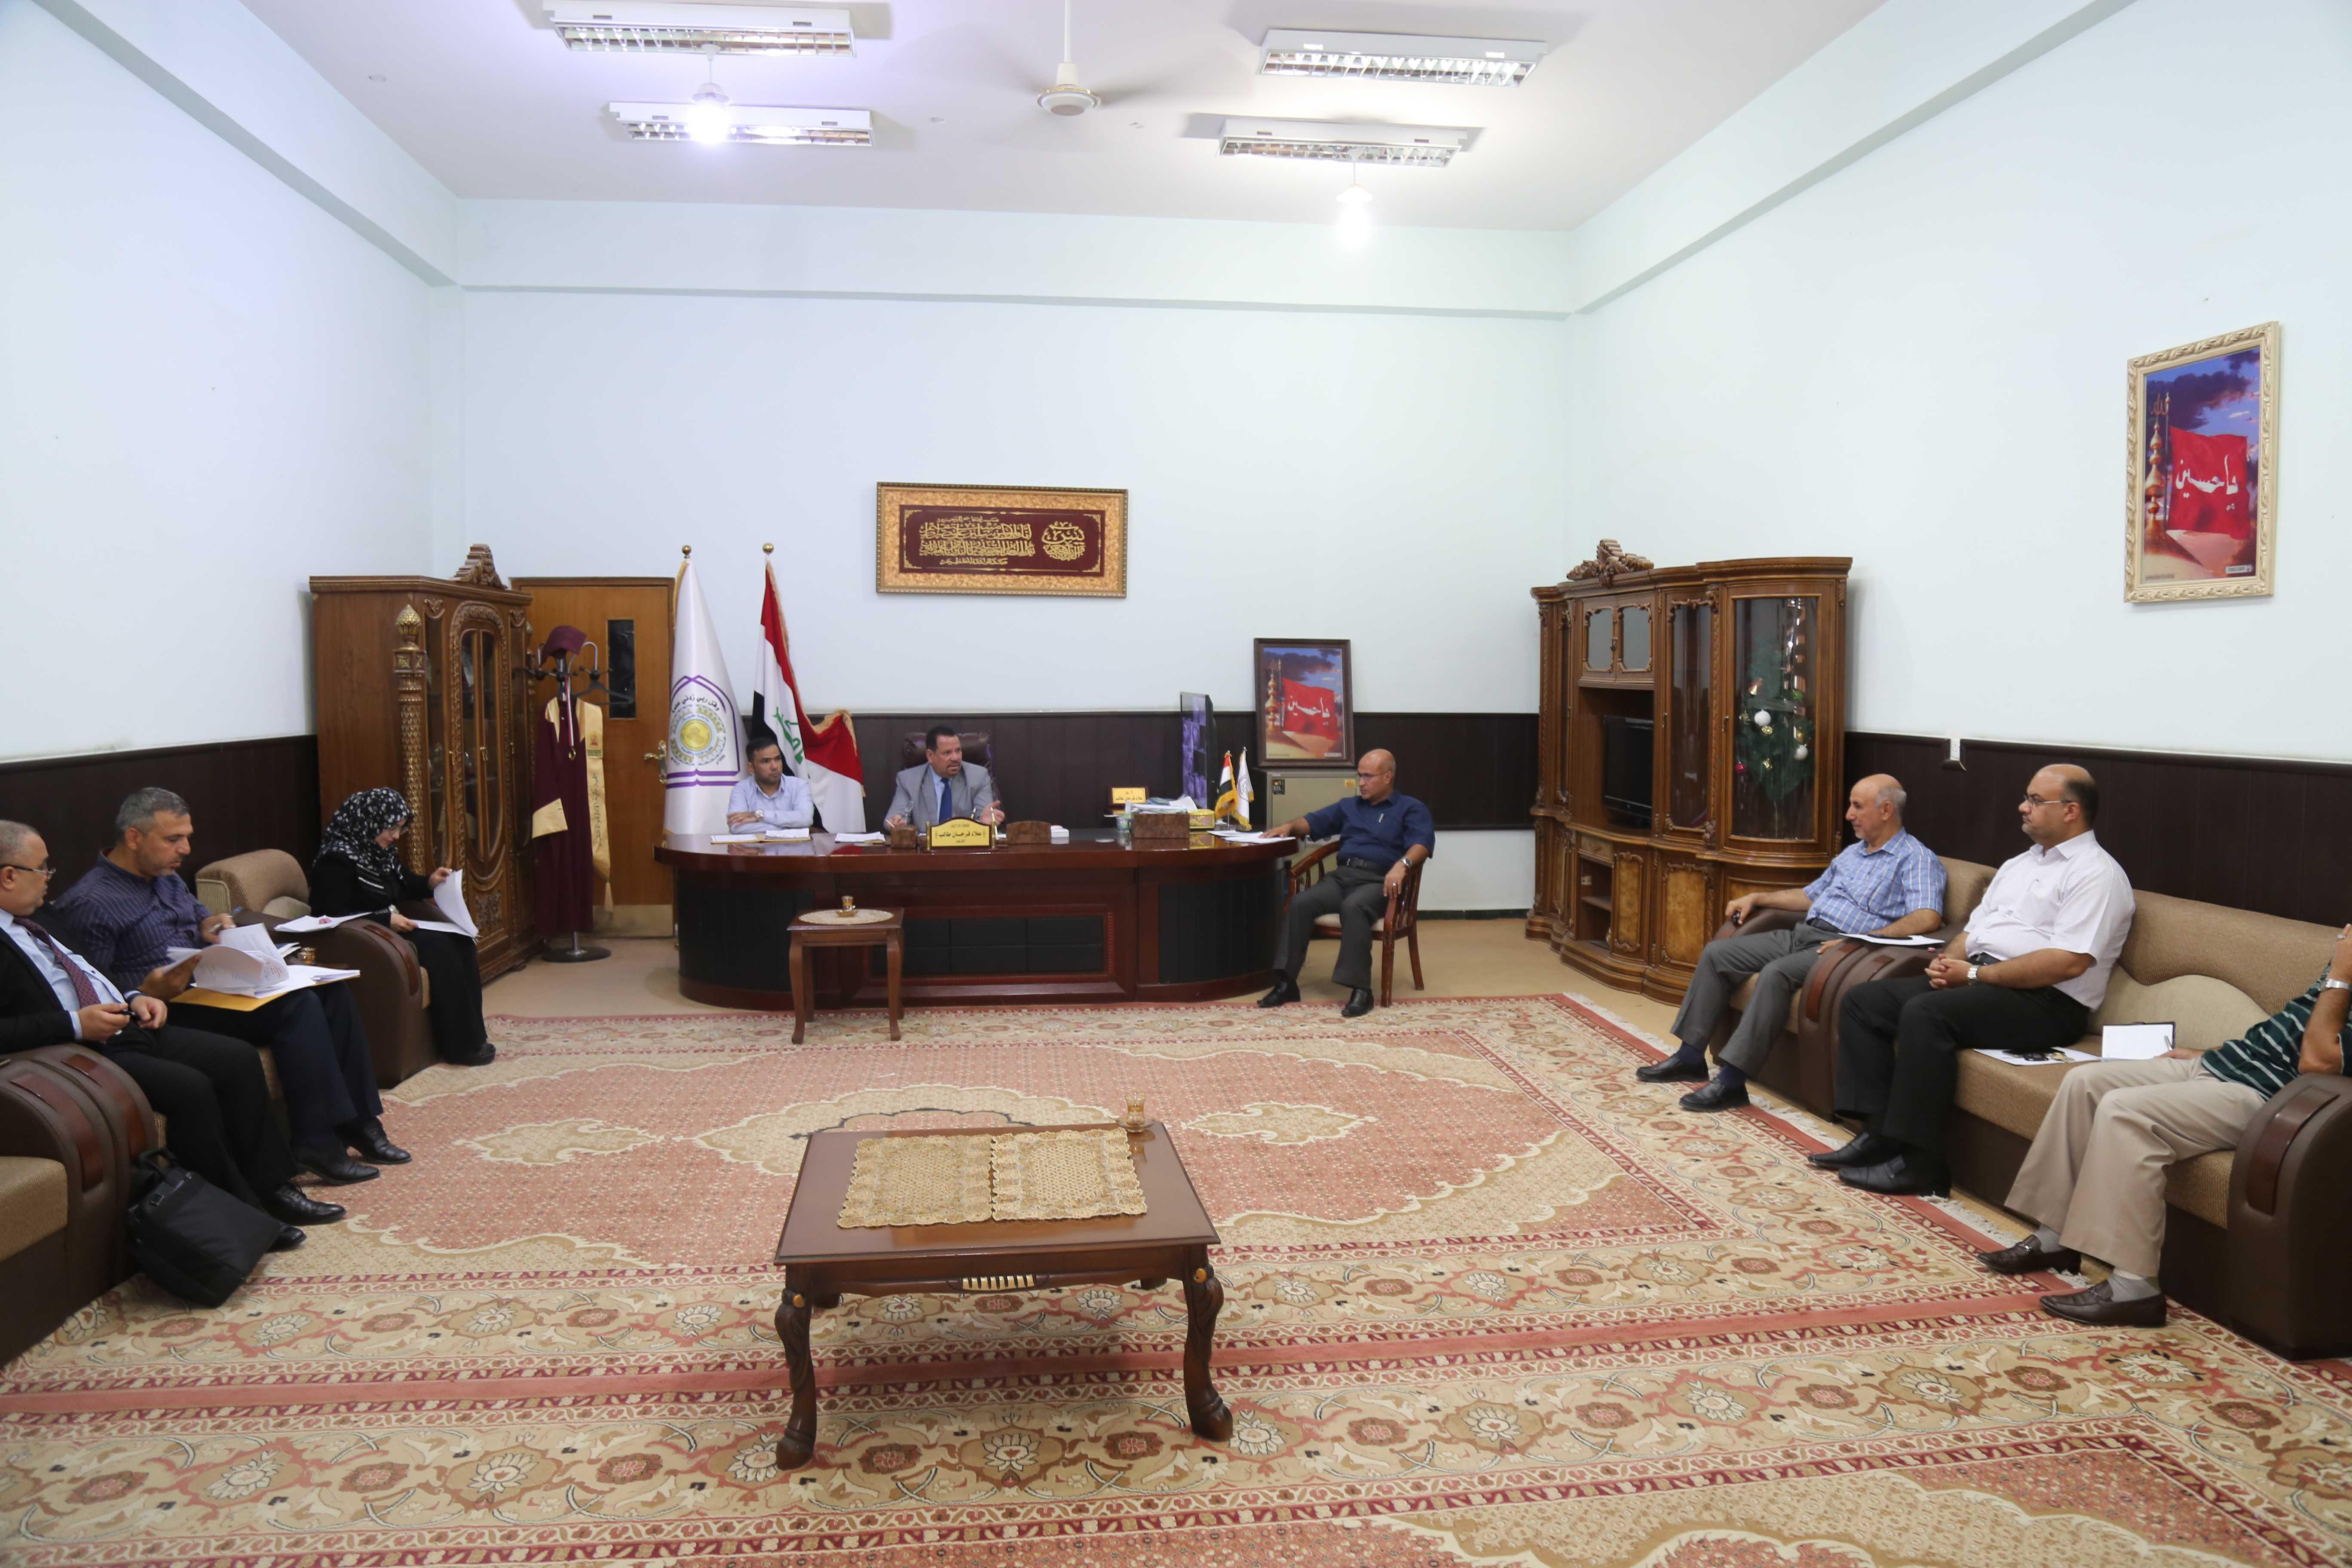 الجلسة الاولى لمجلس كلية الادارة والاقتصاد- جامعة كربلاء للعام الدراسي 2019-2020